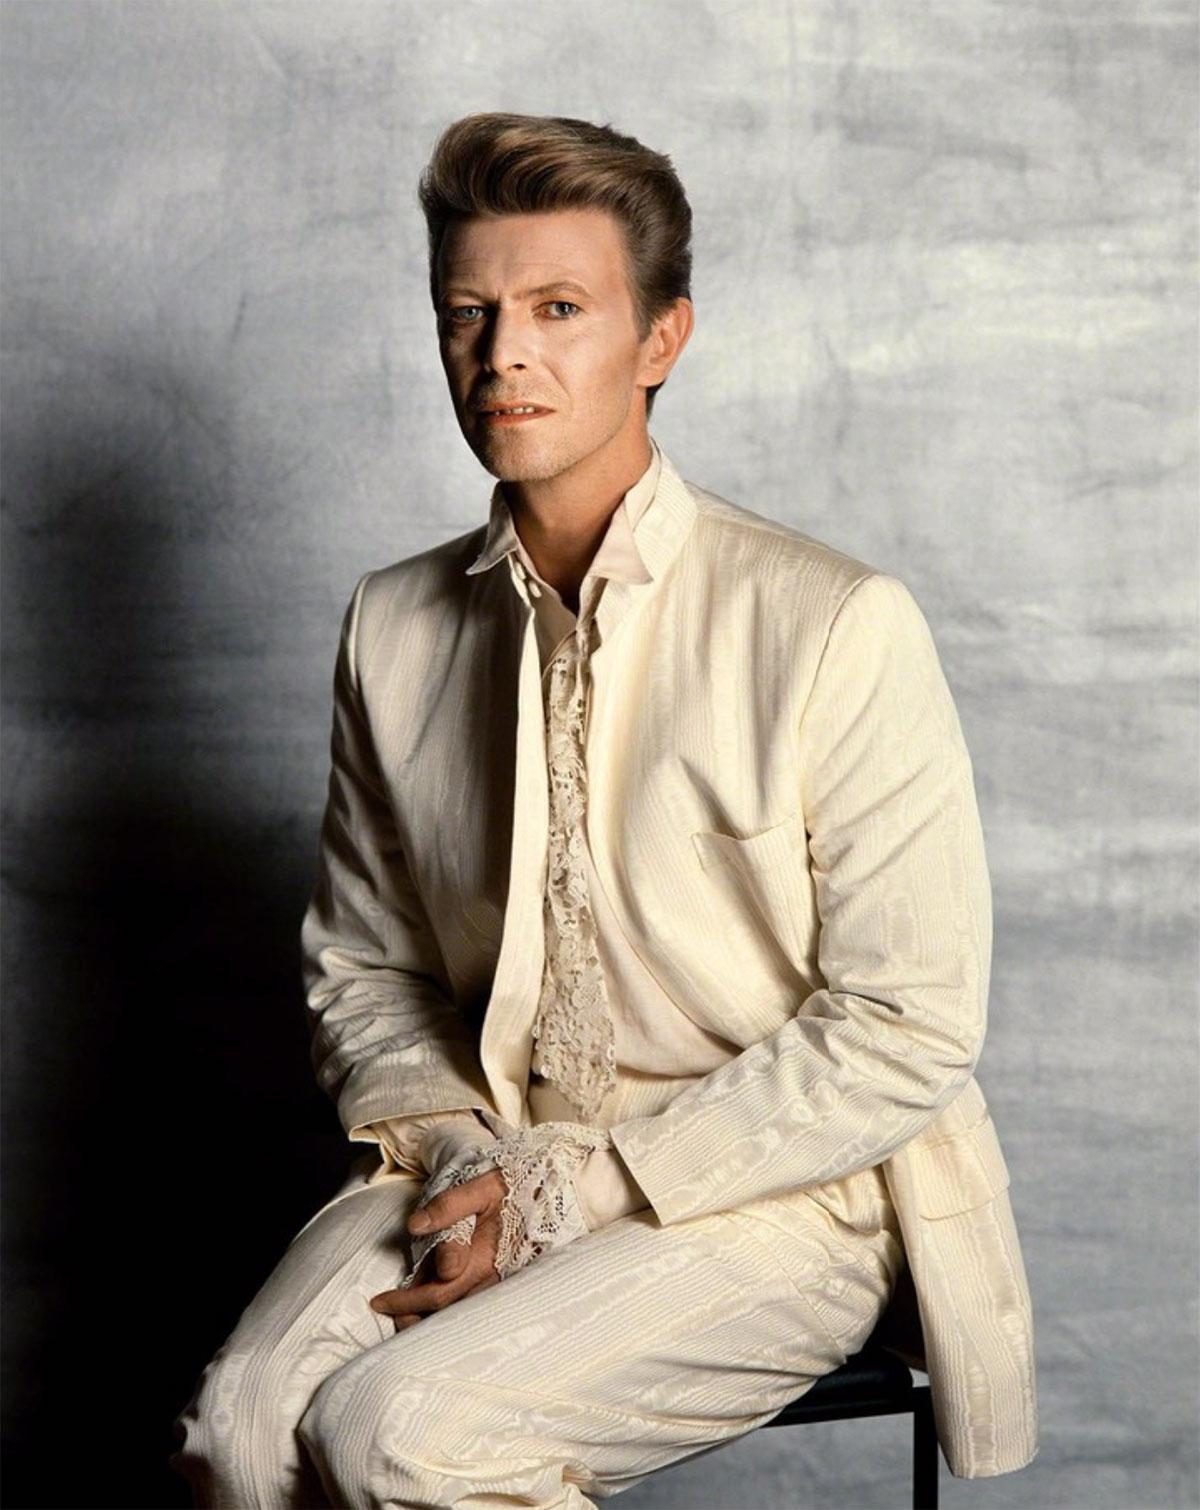 Mężczyzna siedzący na stołku w białym garniturze